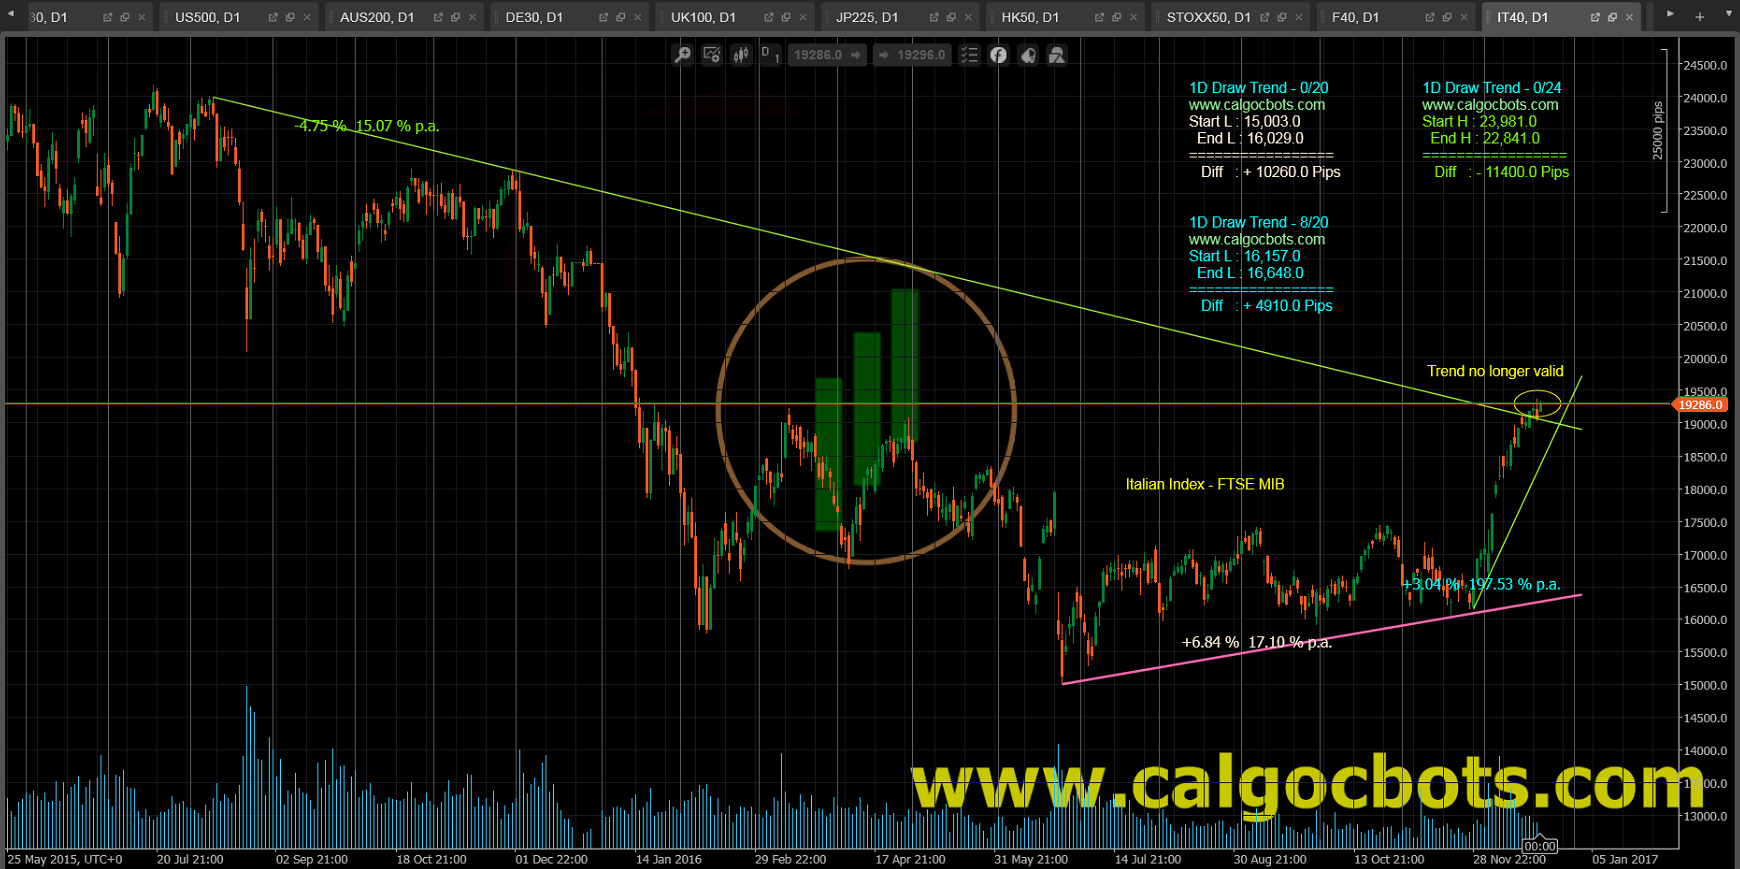 1D Draw Trend - cAlgo and cTrader Indicator - FTSE MIB - Borsa Italiana - Italian Index Daily Chart - 003